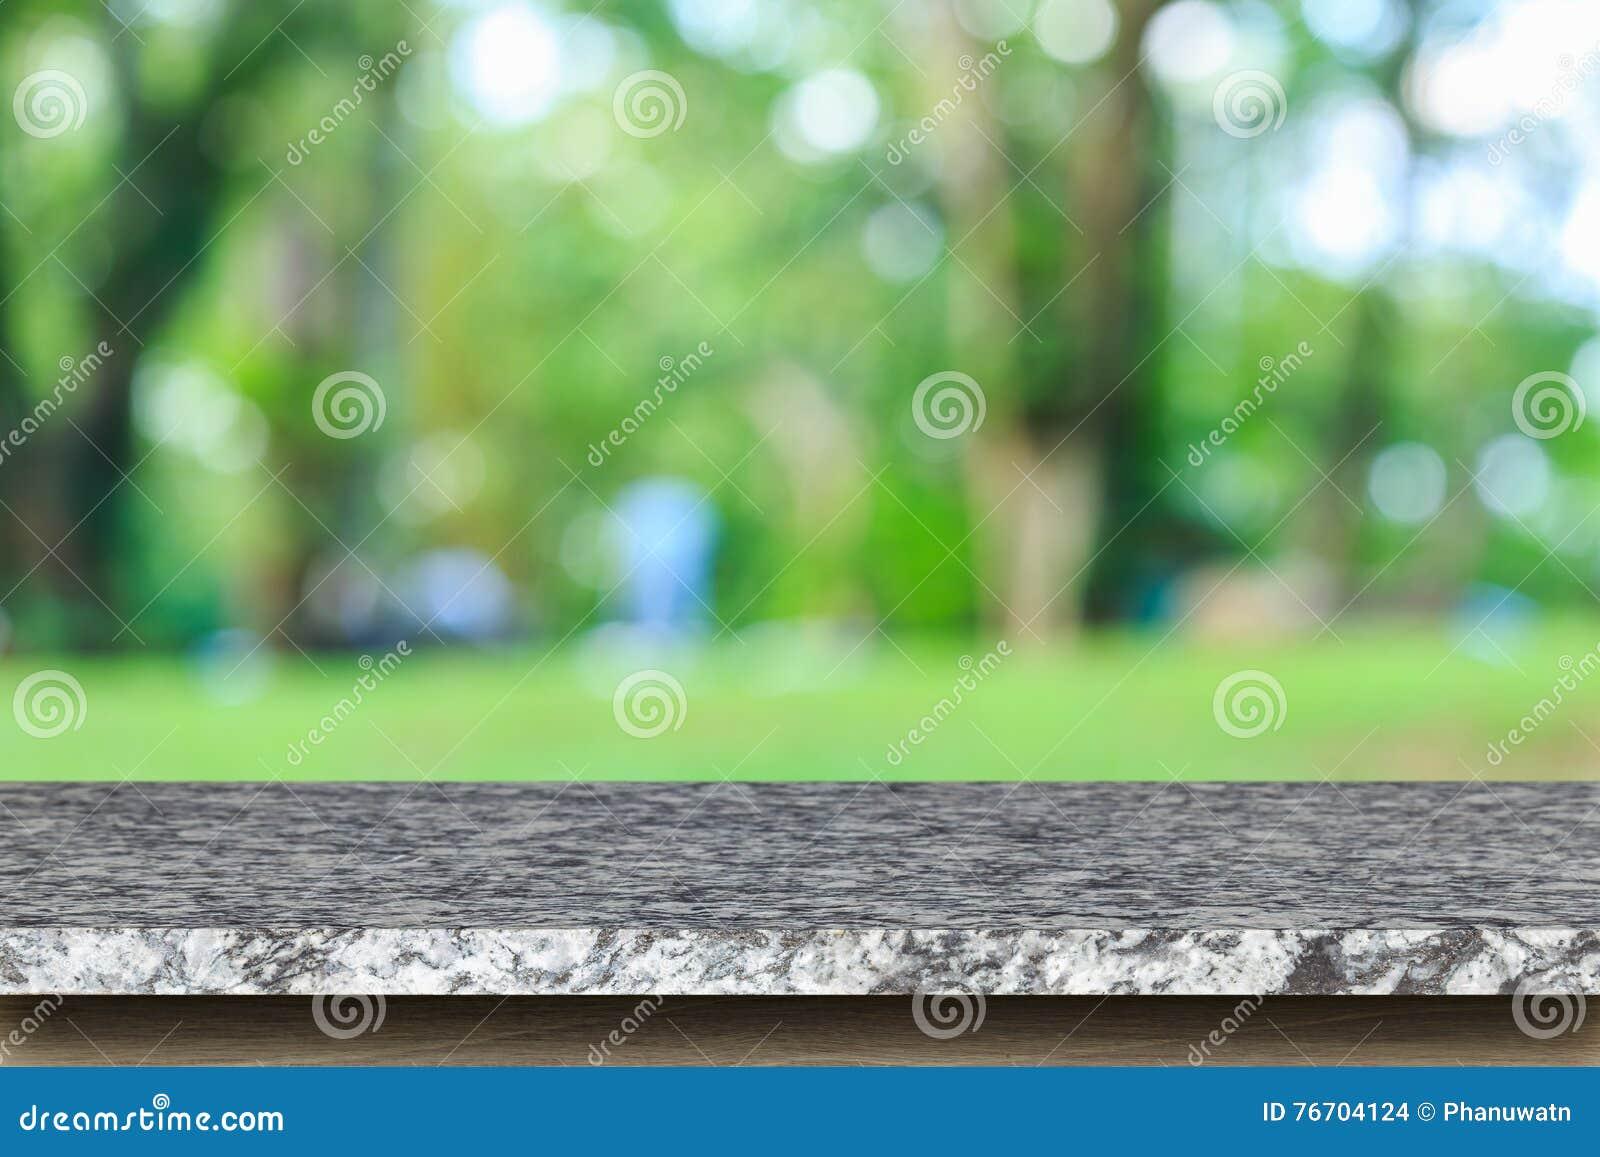 Lege bovenkant van natuursteenlijst en samenvatting vaag met bokeh